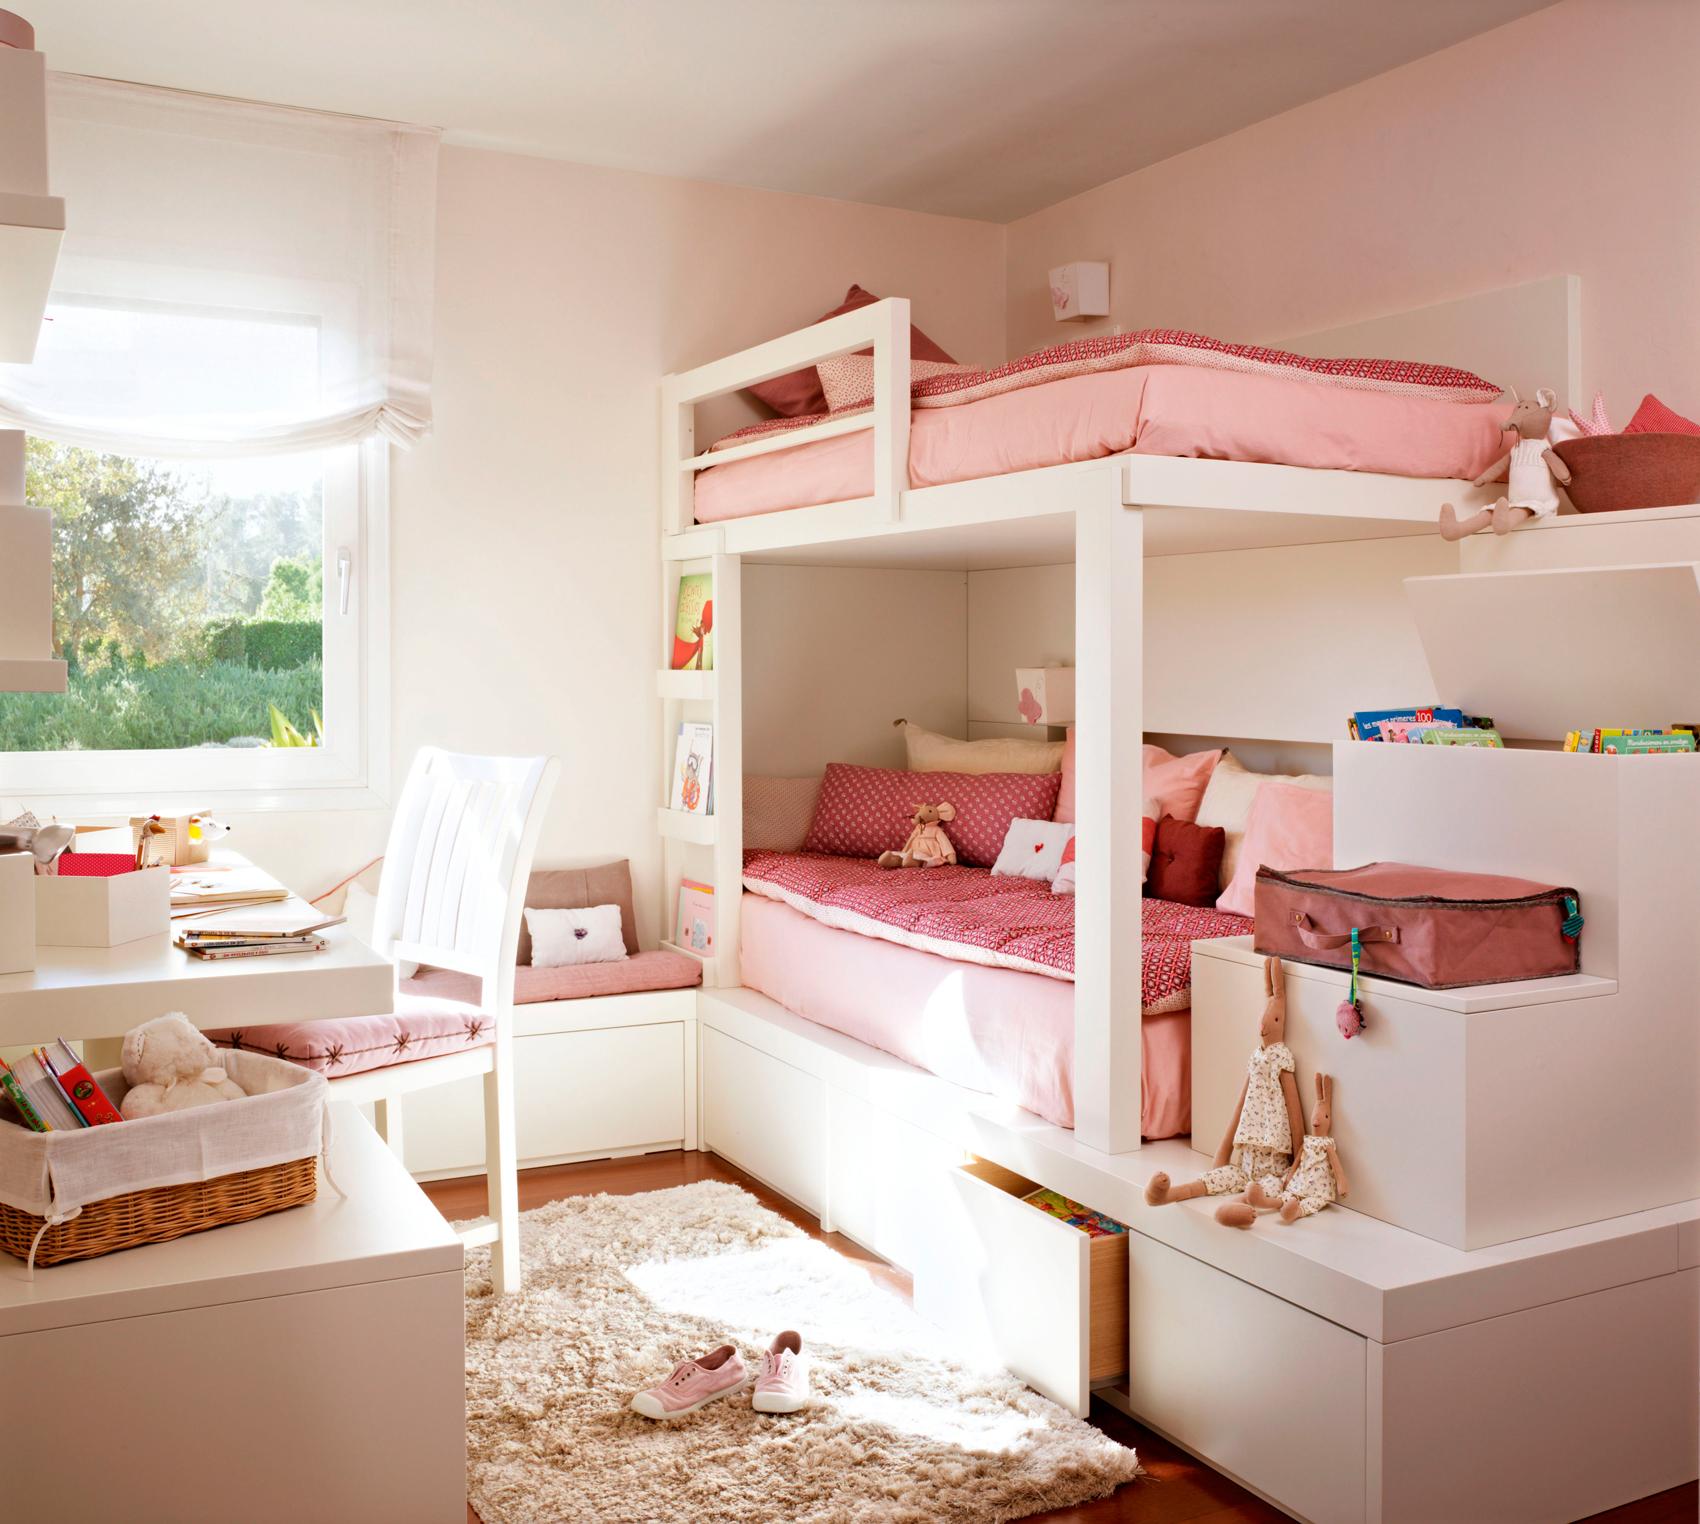 Gana espacio como por arte de magia en el cuarto de los peques - Muebles para almacenaje ...